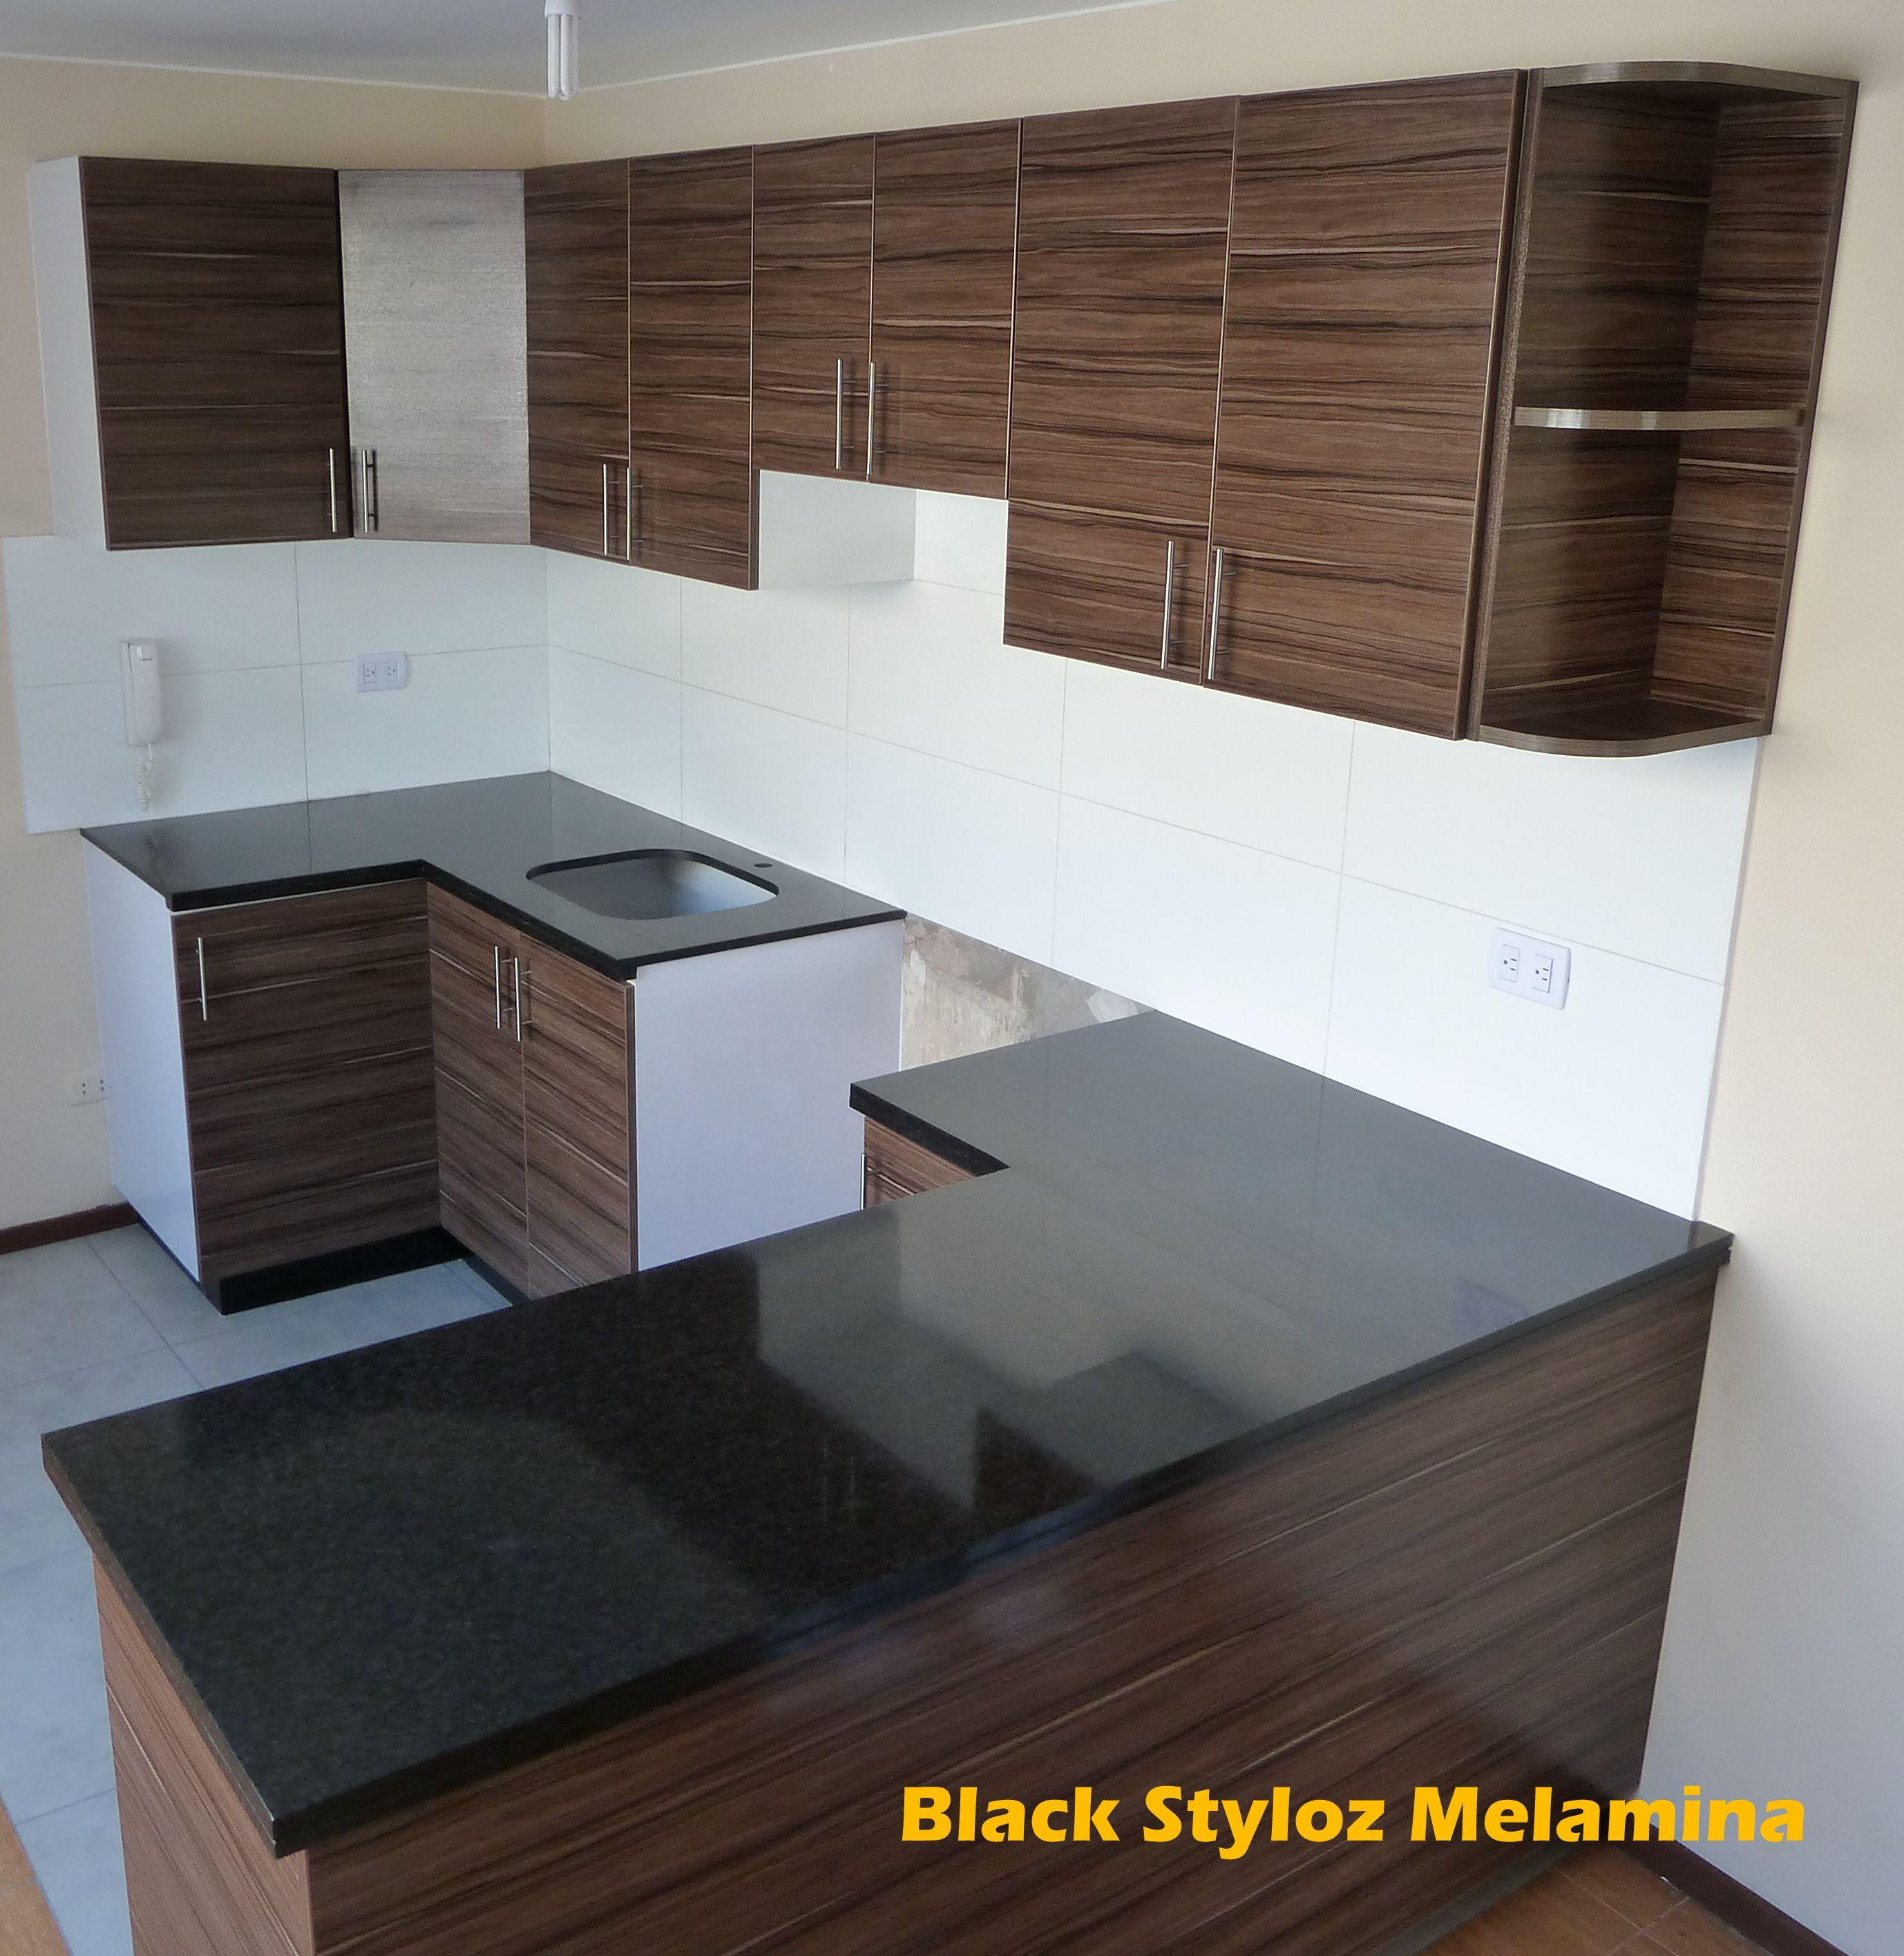 Puertas En Melamina Ebano Tablero De Granito Negro Aracruz  # Muebles De Cocina Kiwi